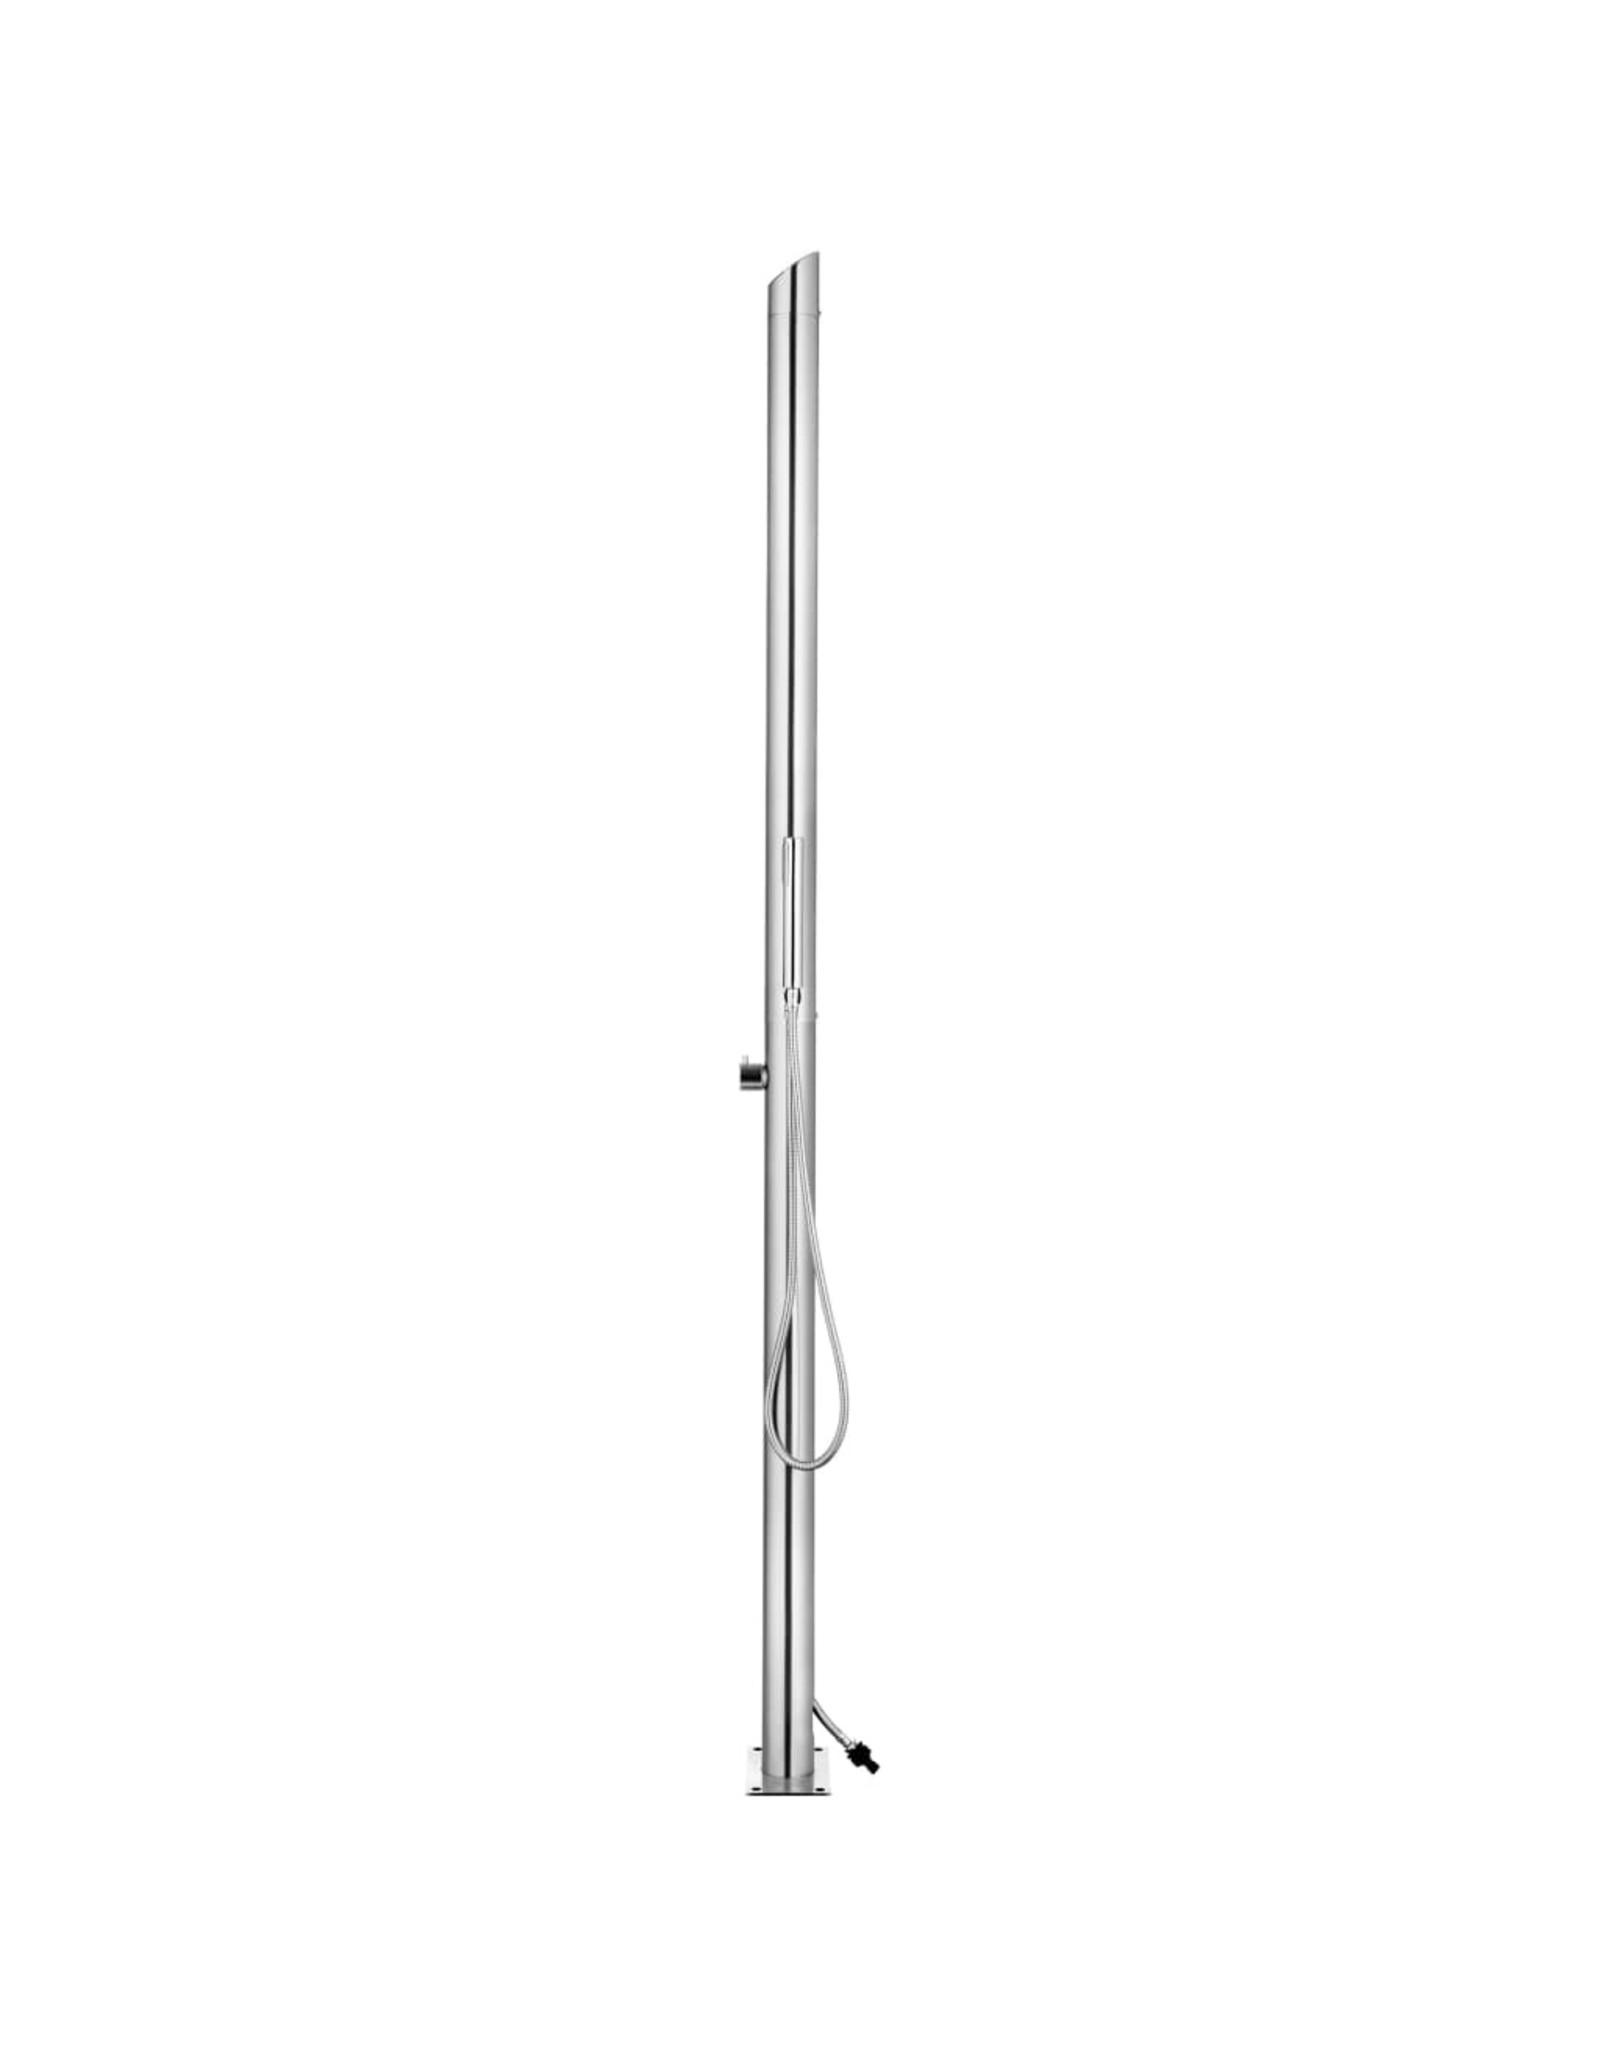 Buitendouche 220 cm roestvrij staal